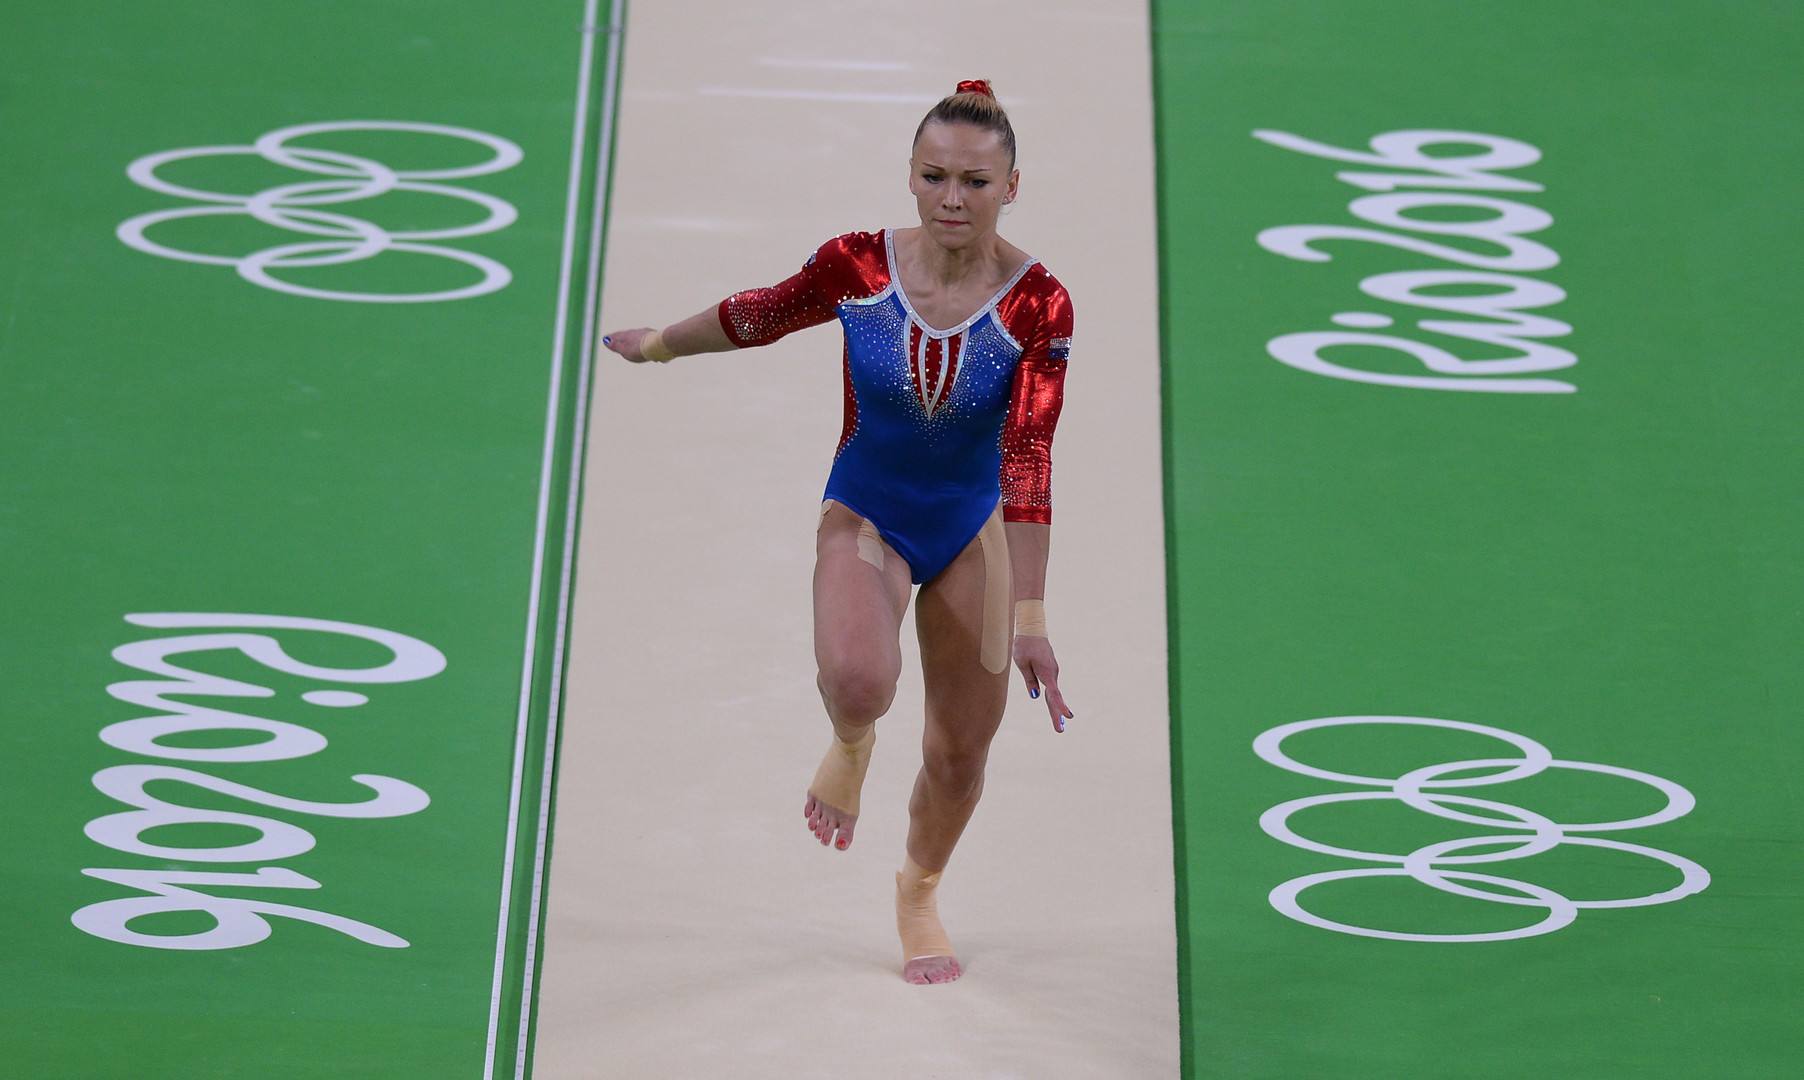 Мария Пасека завоевала серебро в опорном прыжке